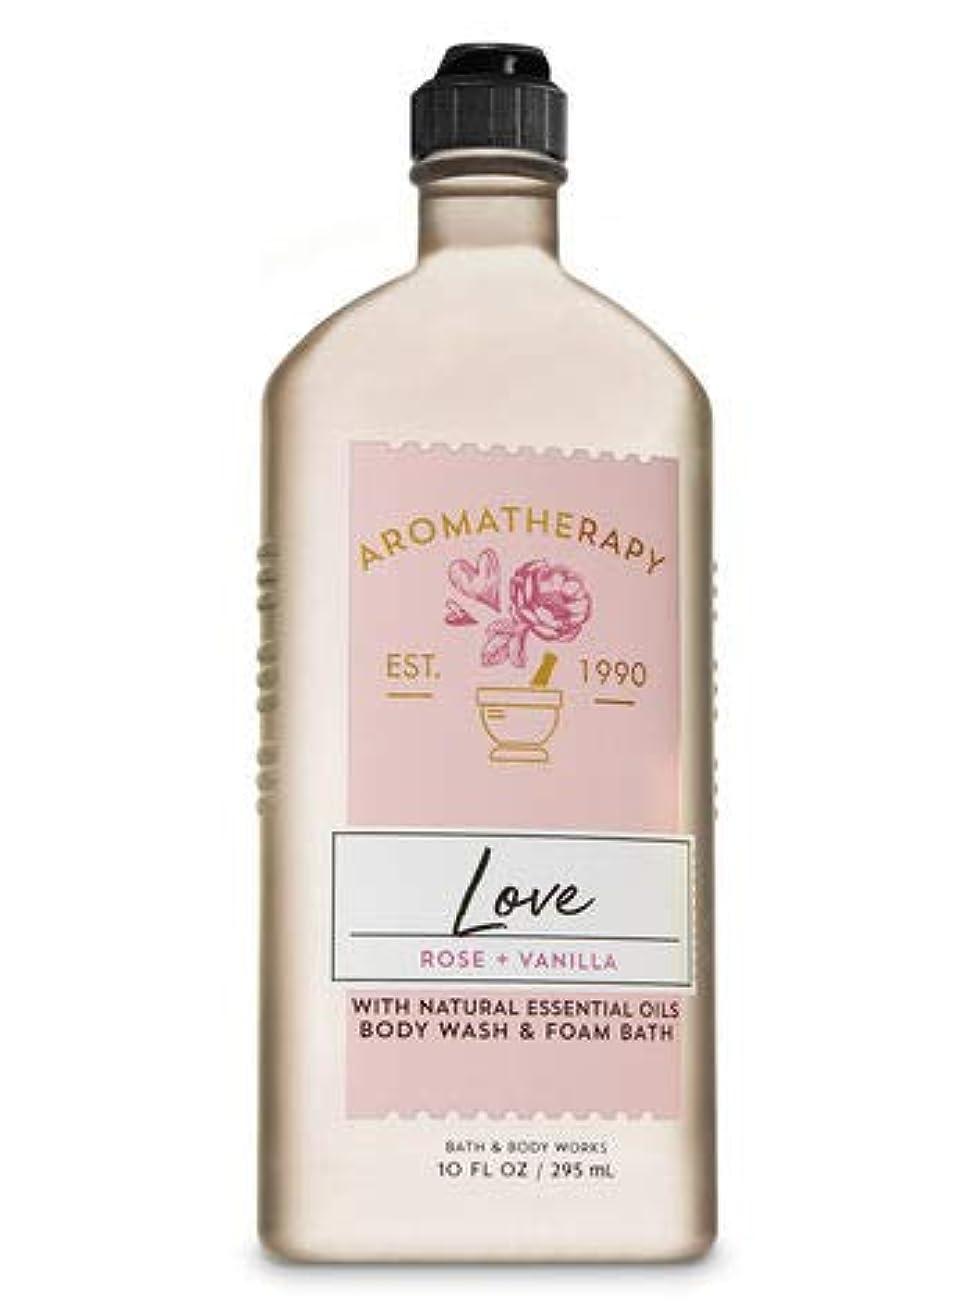 振り返る時抵抗する【Bath&Body Works/バス&ボディワークス】 ボディウォッシュ&フォームバス アロマセラピー ラブ ローズ&バニラ Body Wash & Foam Bath Aromatherapy Love Rose & Vanilla 10 fl oz / 295 mL [並行輸入品]